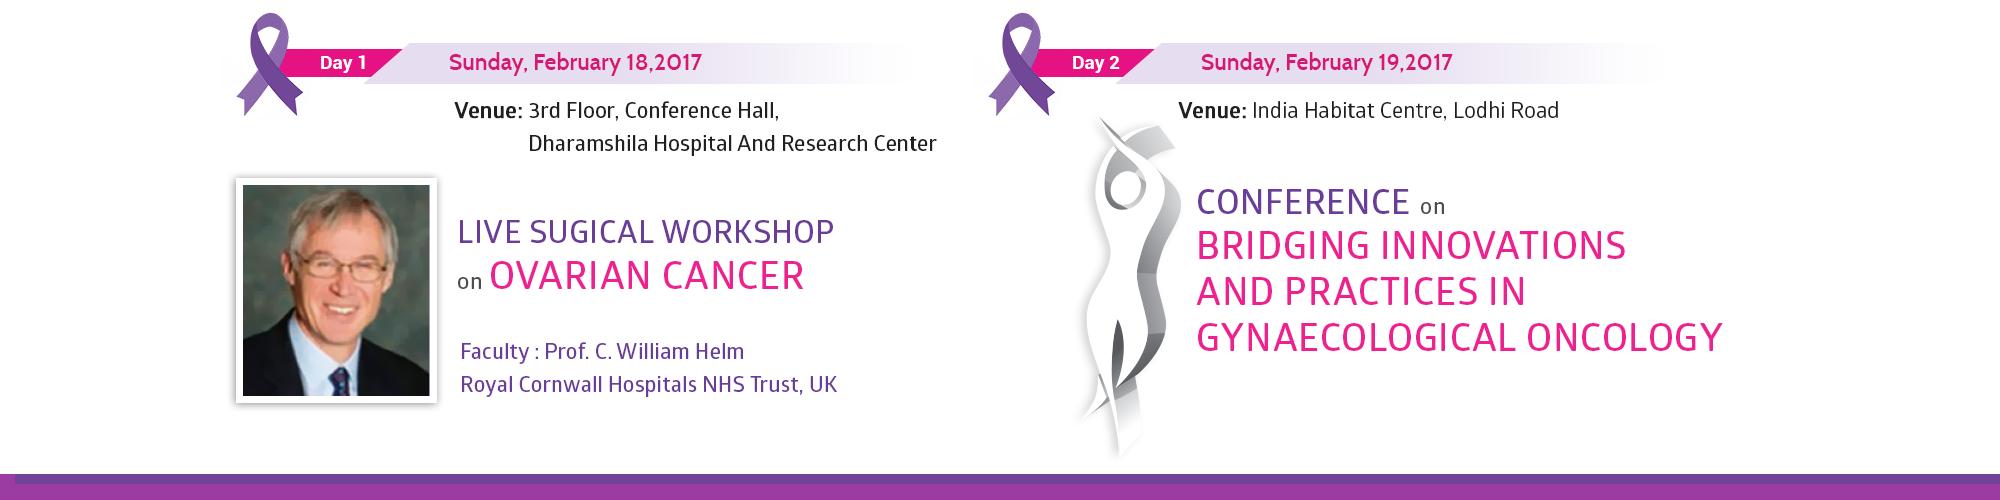 International Gynae Cancer Congress - 2017 - Day 1